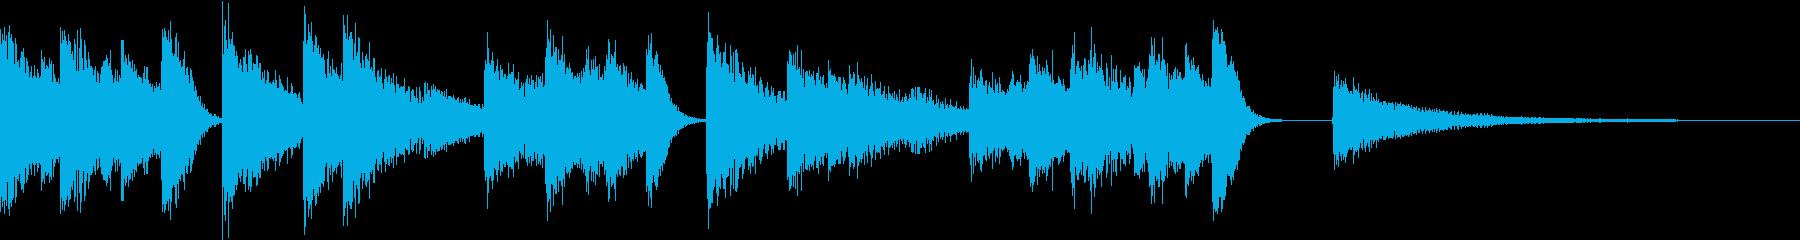 ゆらぎを感じる穏やかなピアノジングルの再生済みの波形